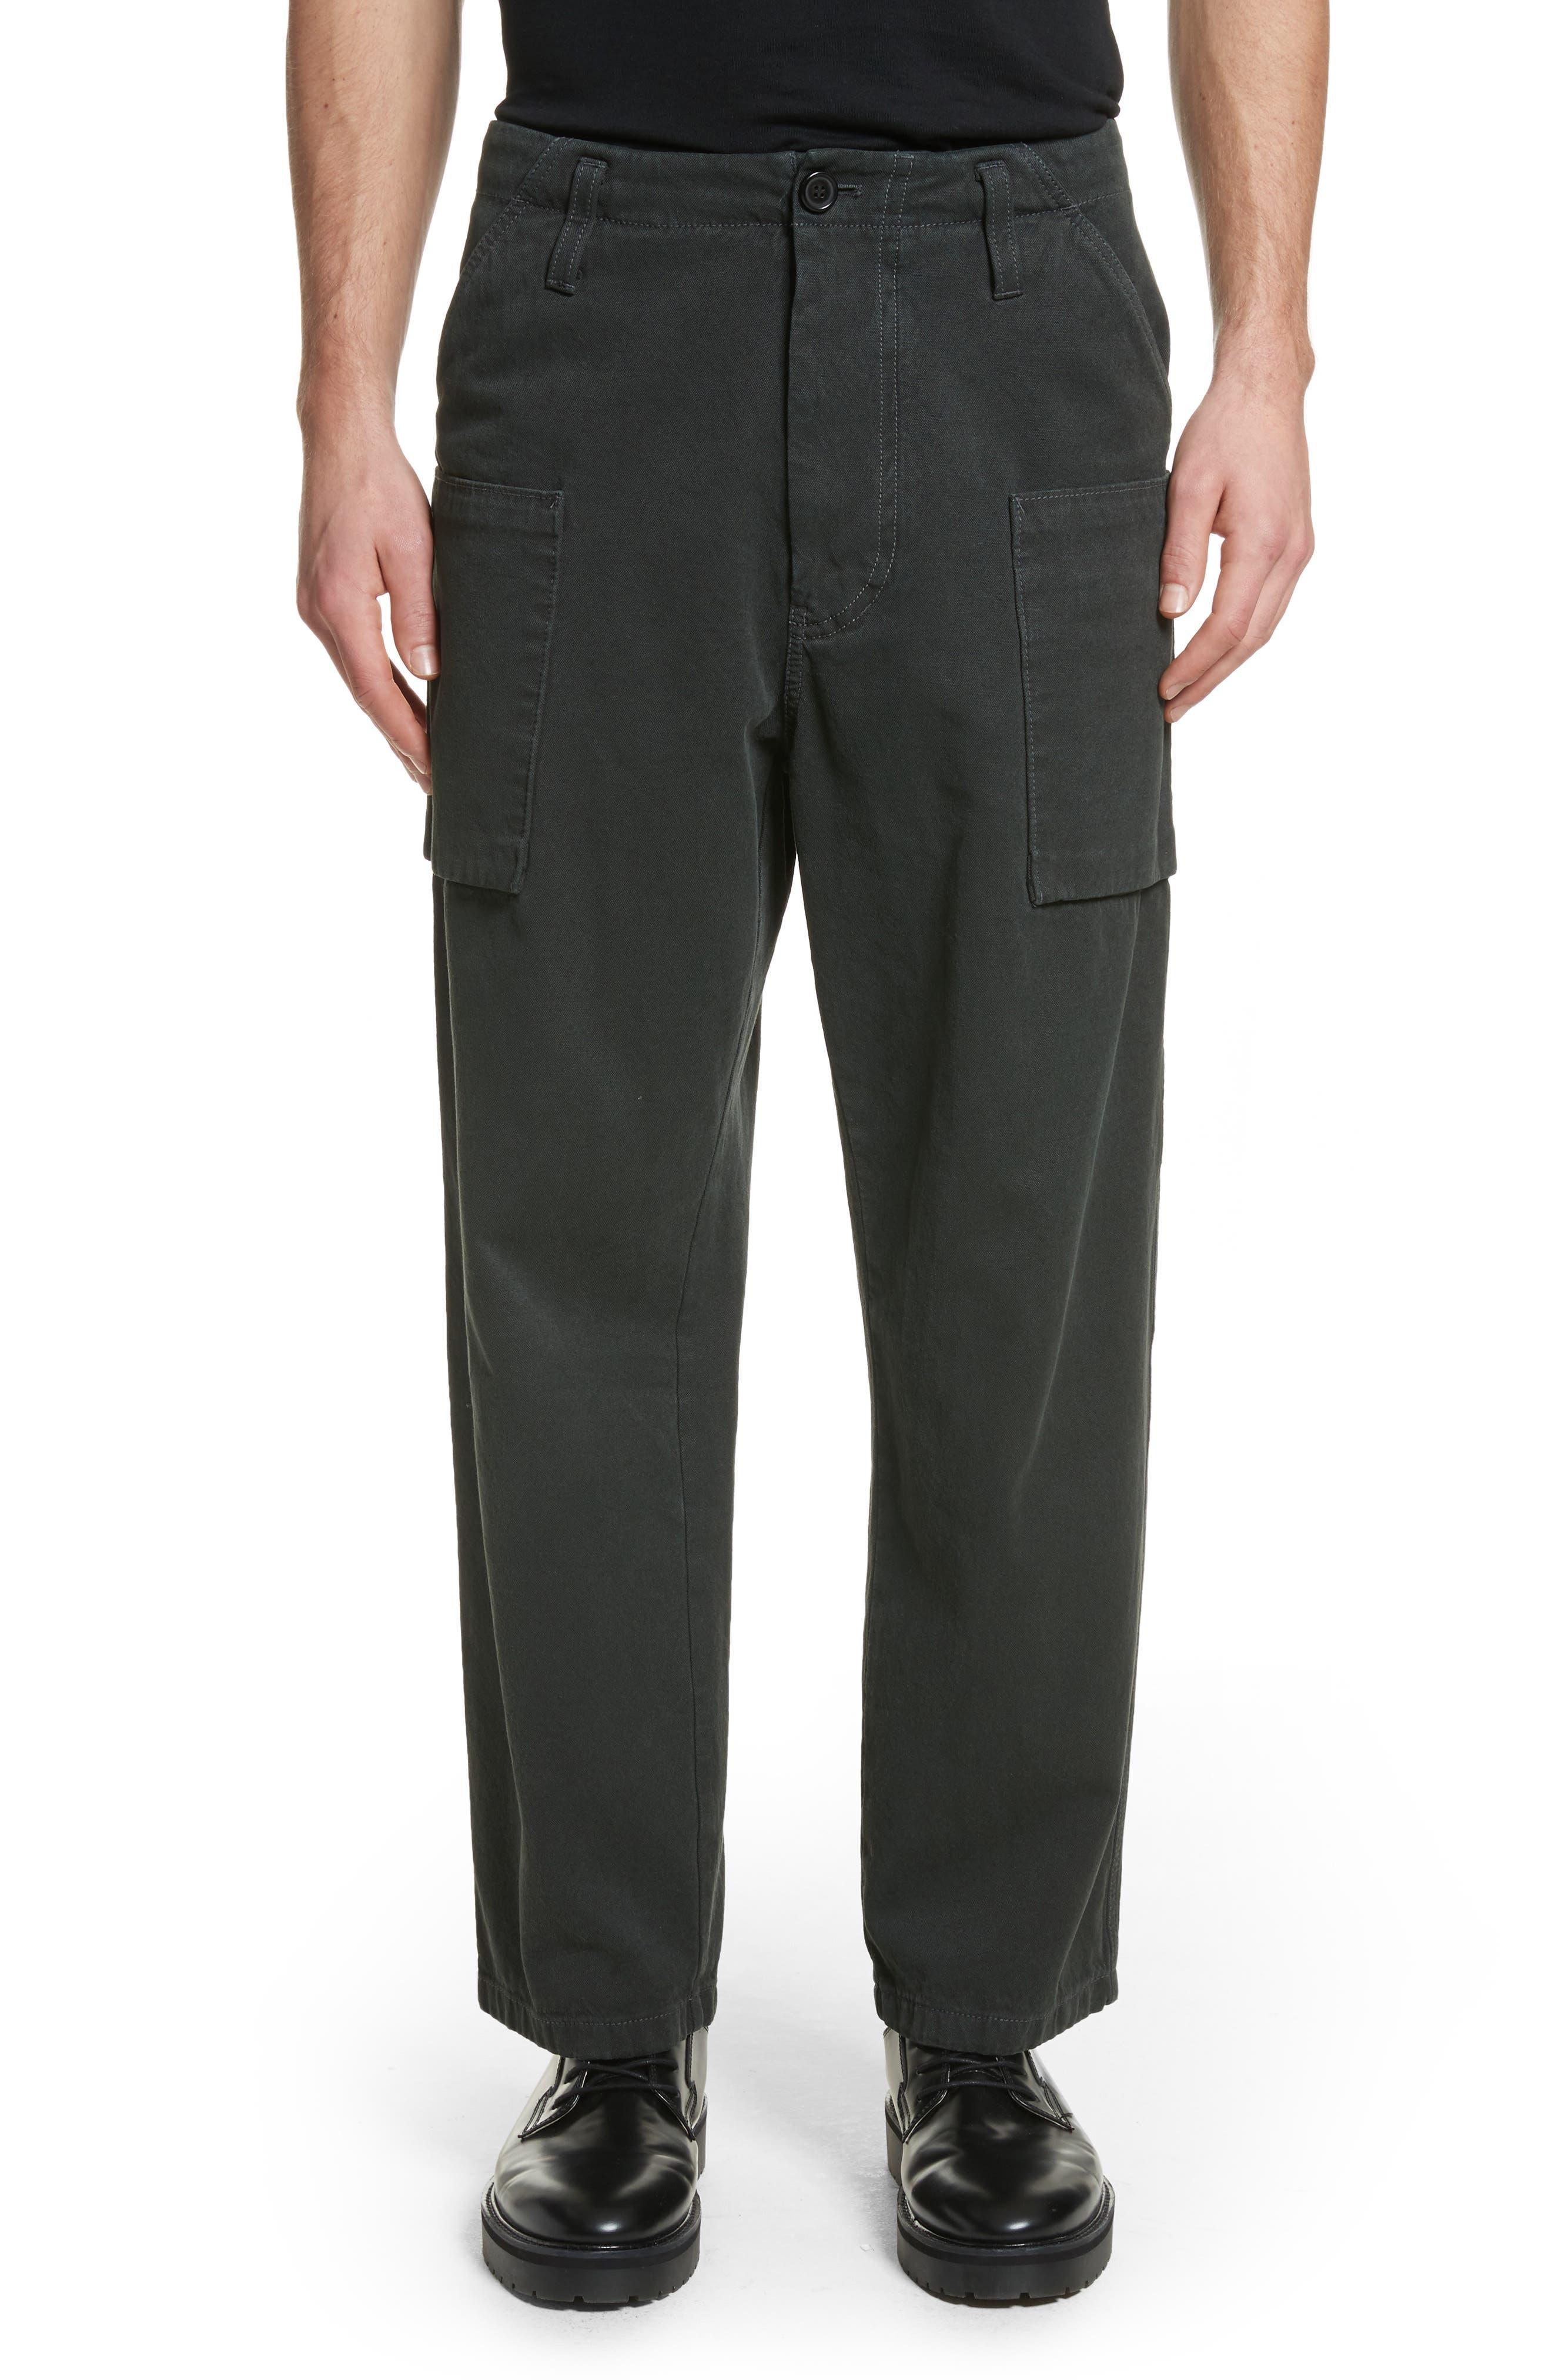 Anselm Wide Leg Patch Cargo Pants,                         Main,                         color, Coal Black